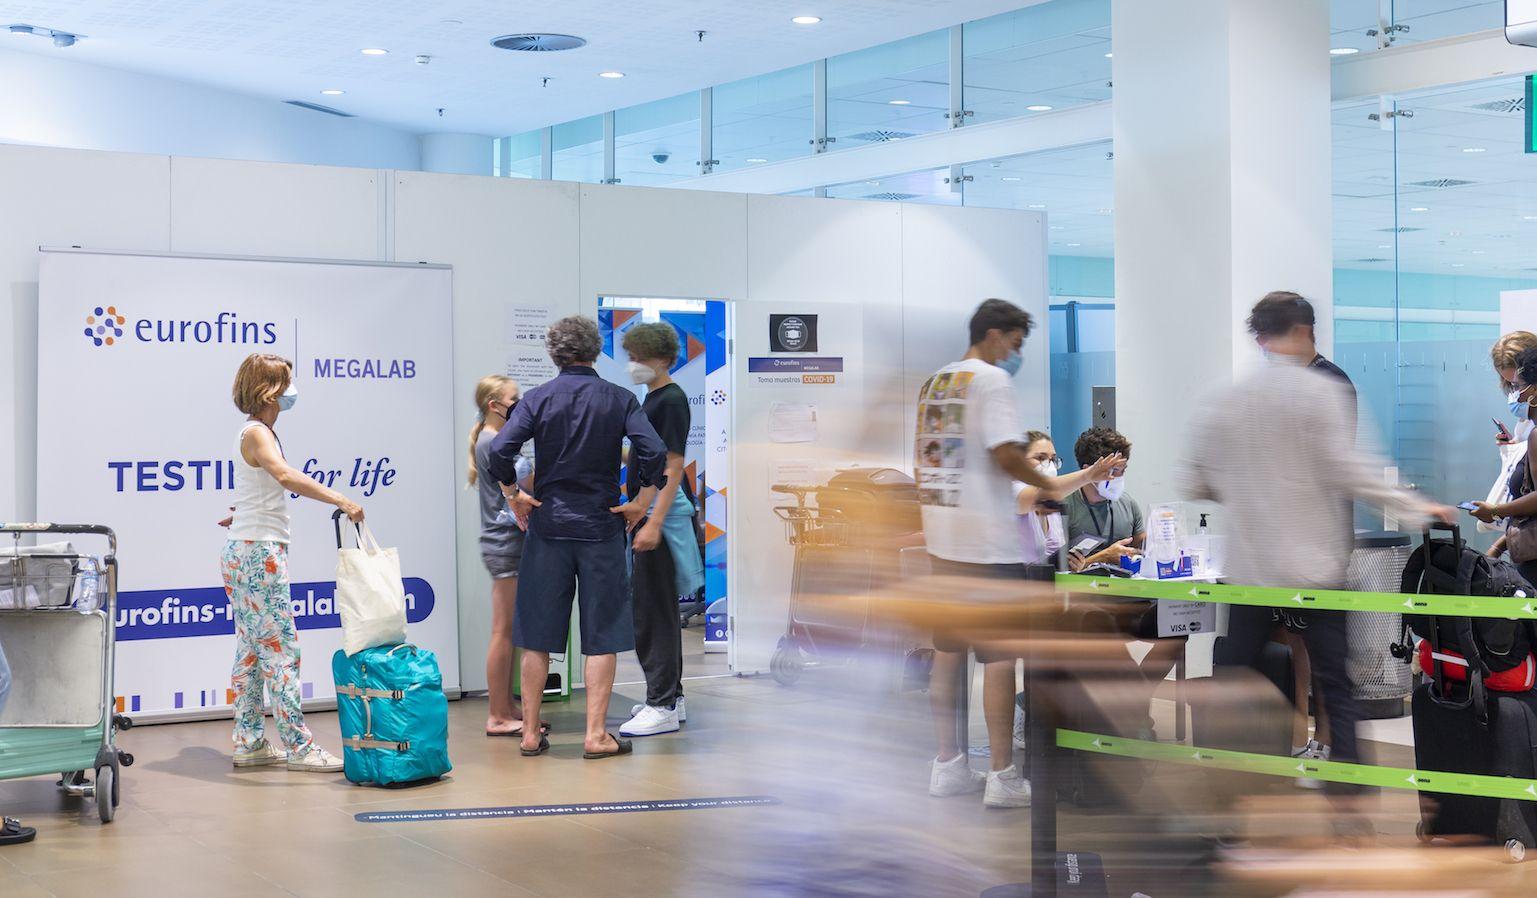 Los ingleses lideran el ranking de viajeros que se hacen test COVID en aeropuertos con Eurofins Megalab